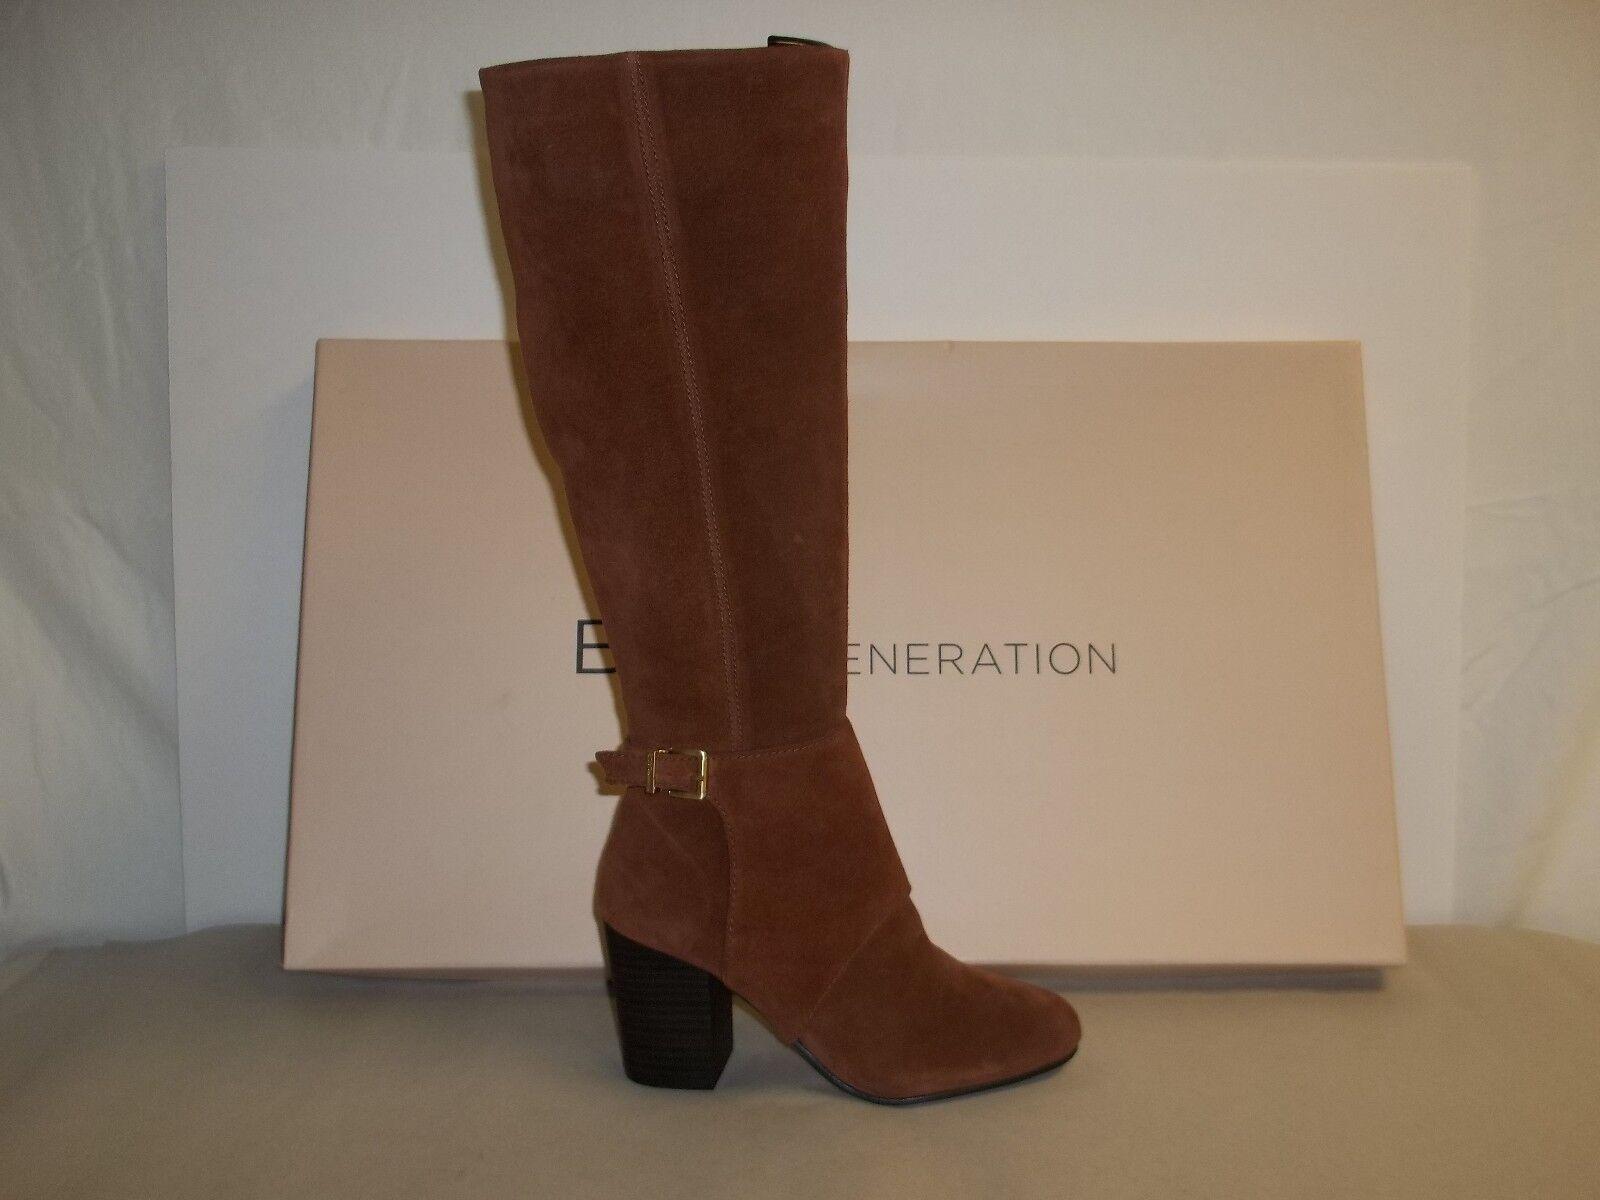 BCBG BCBGeneration Suede Größe 8.5 Denver Cognac Suede BCBGeneration Knee High Stiefel New Damenschuhe Schuhes 14db91